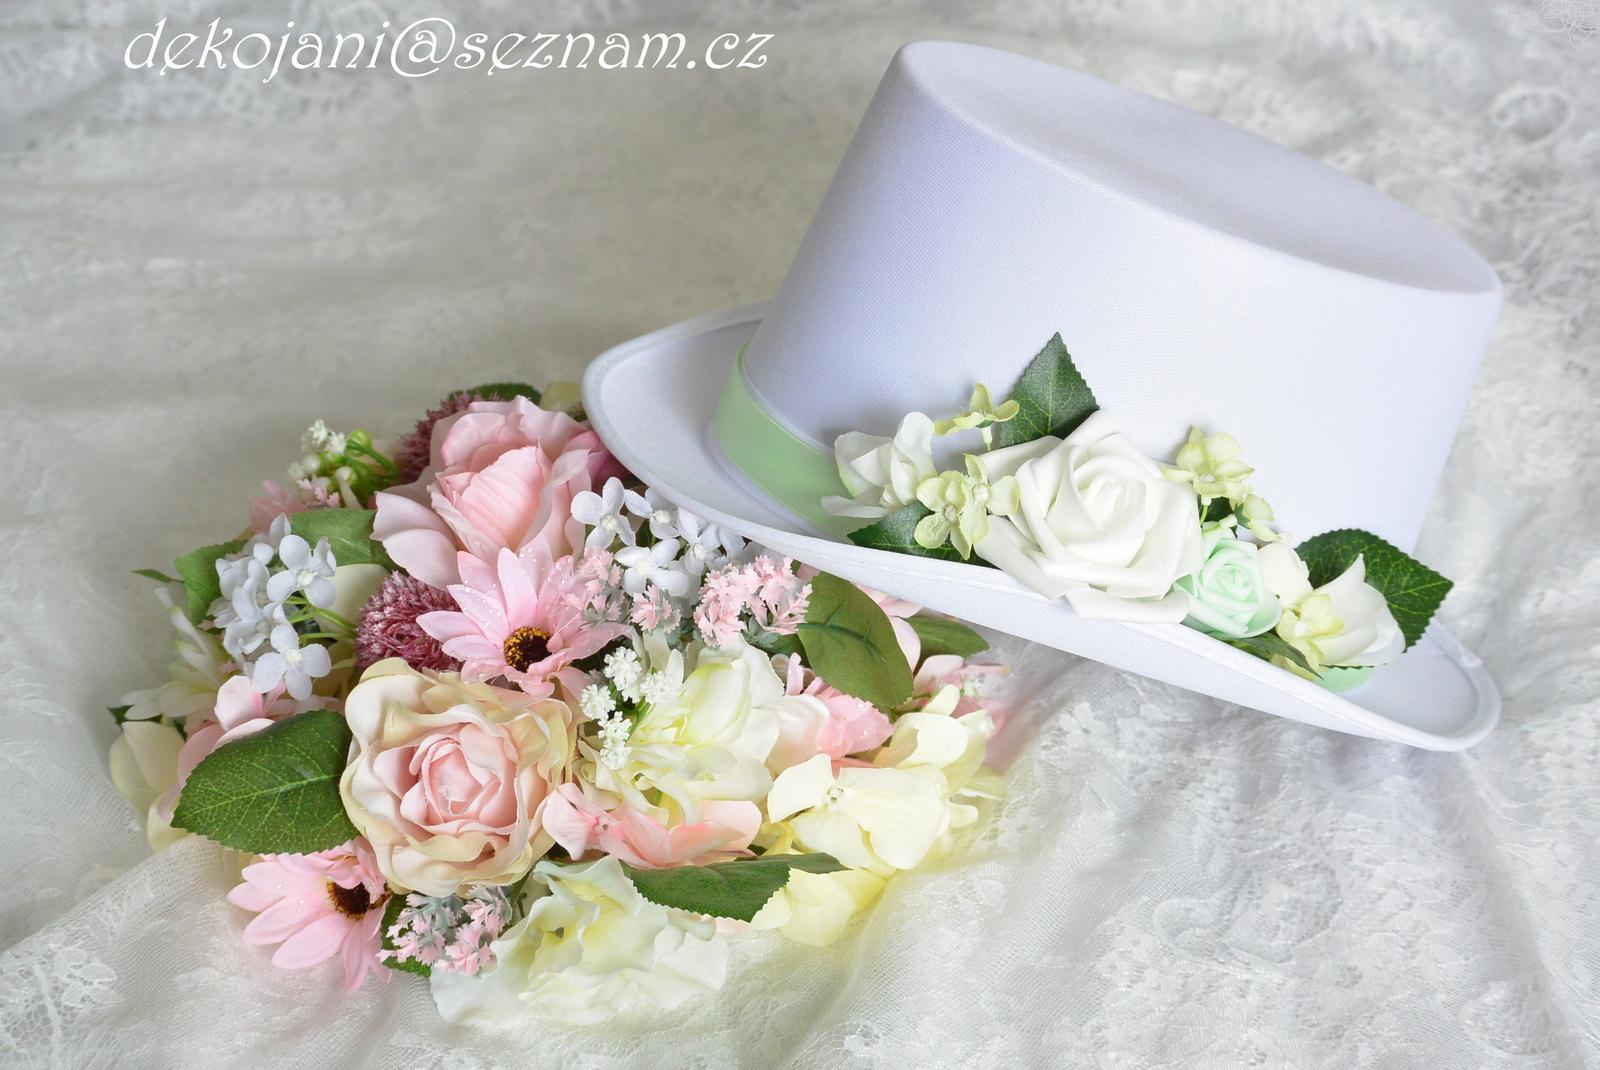 Květinový buket - Obrázek č. 3